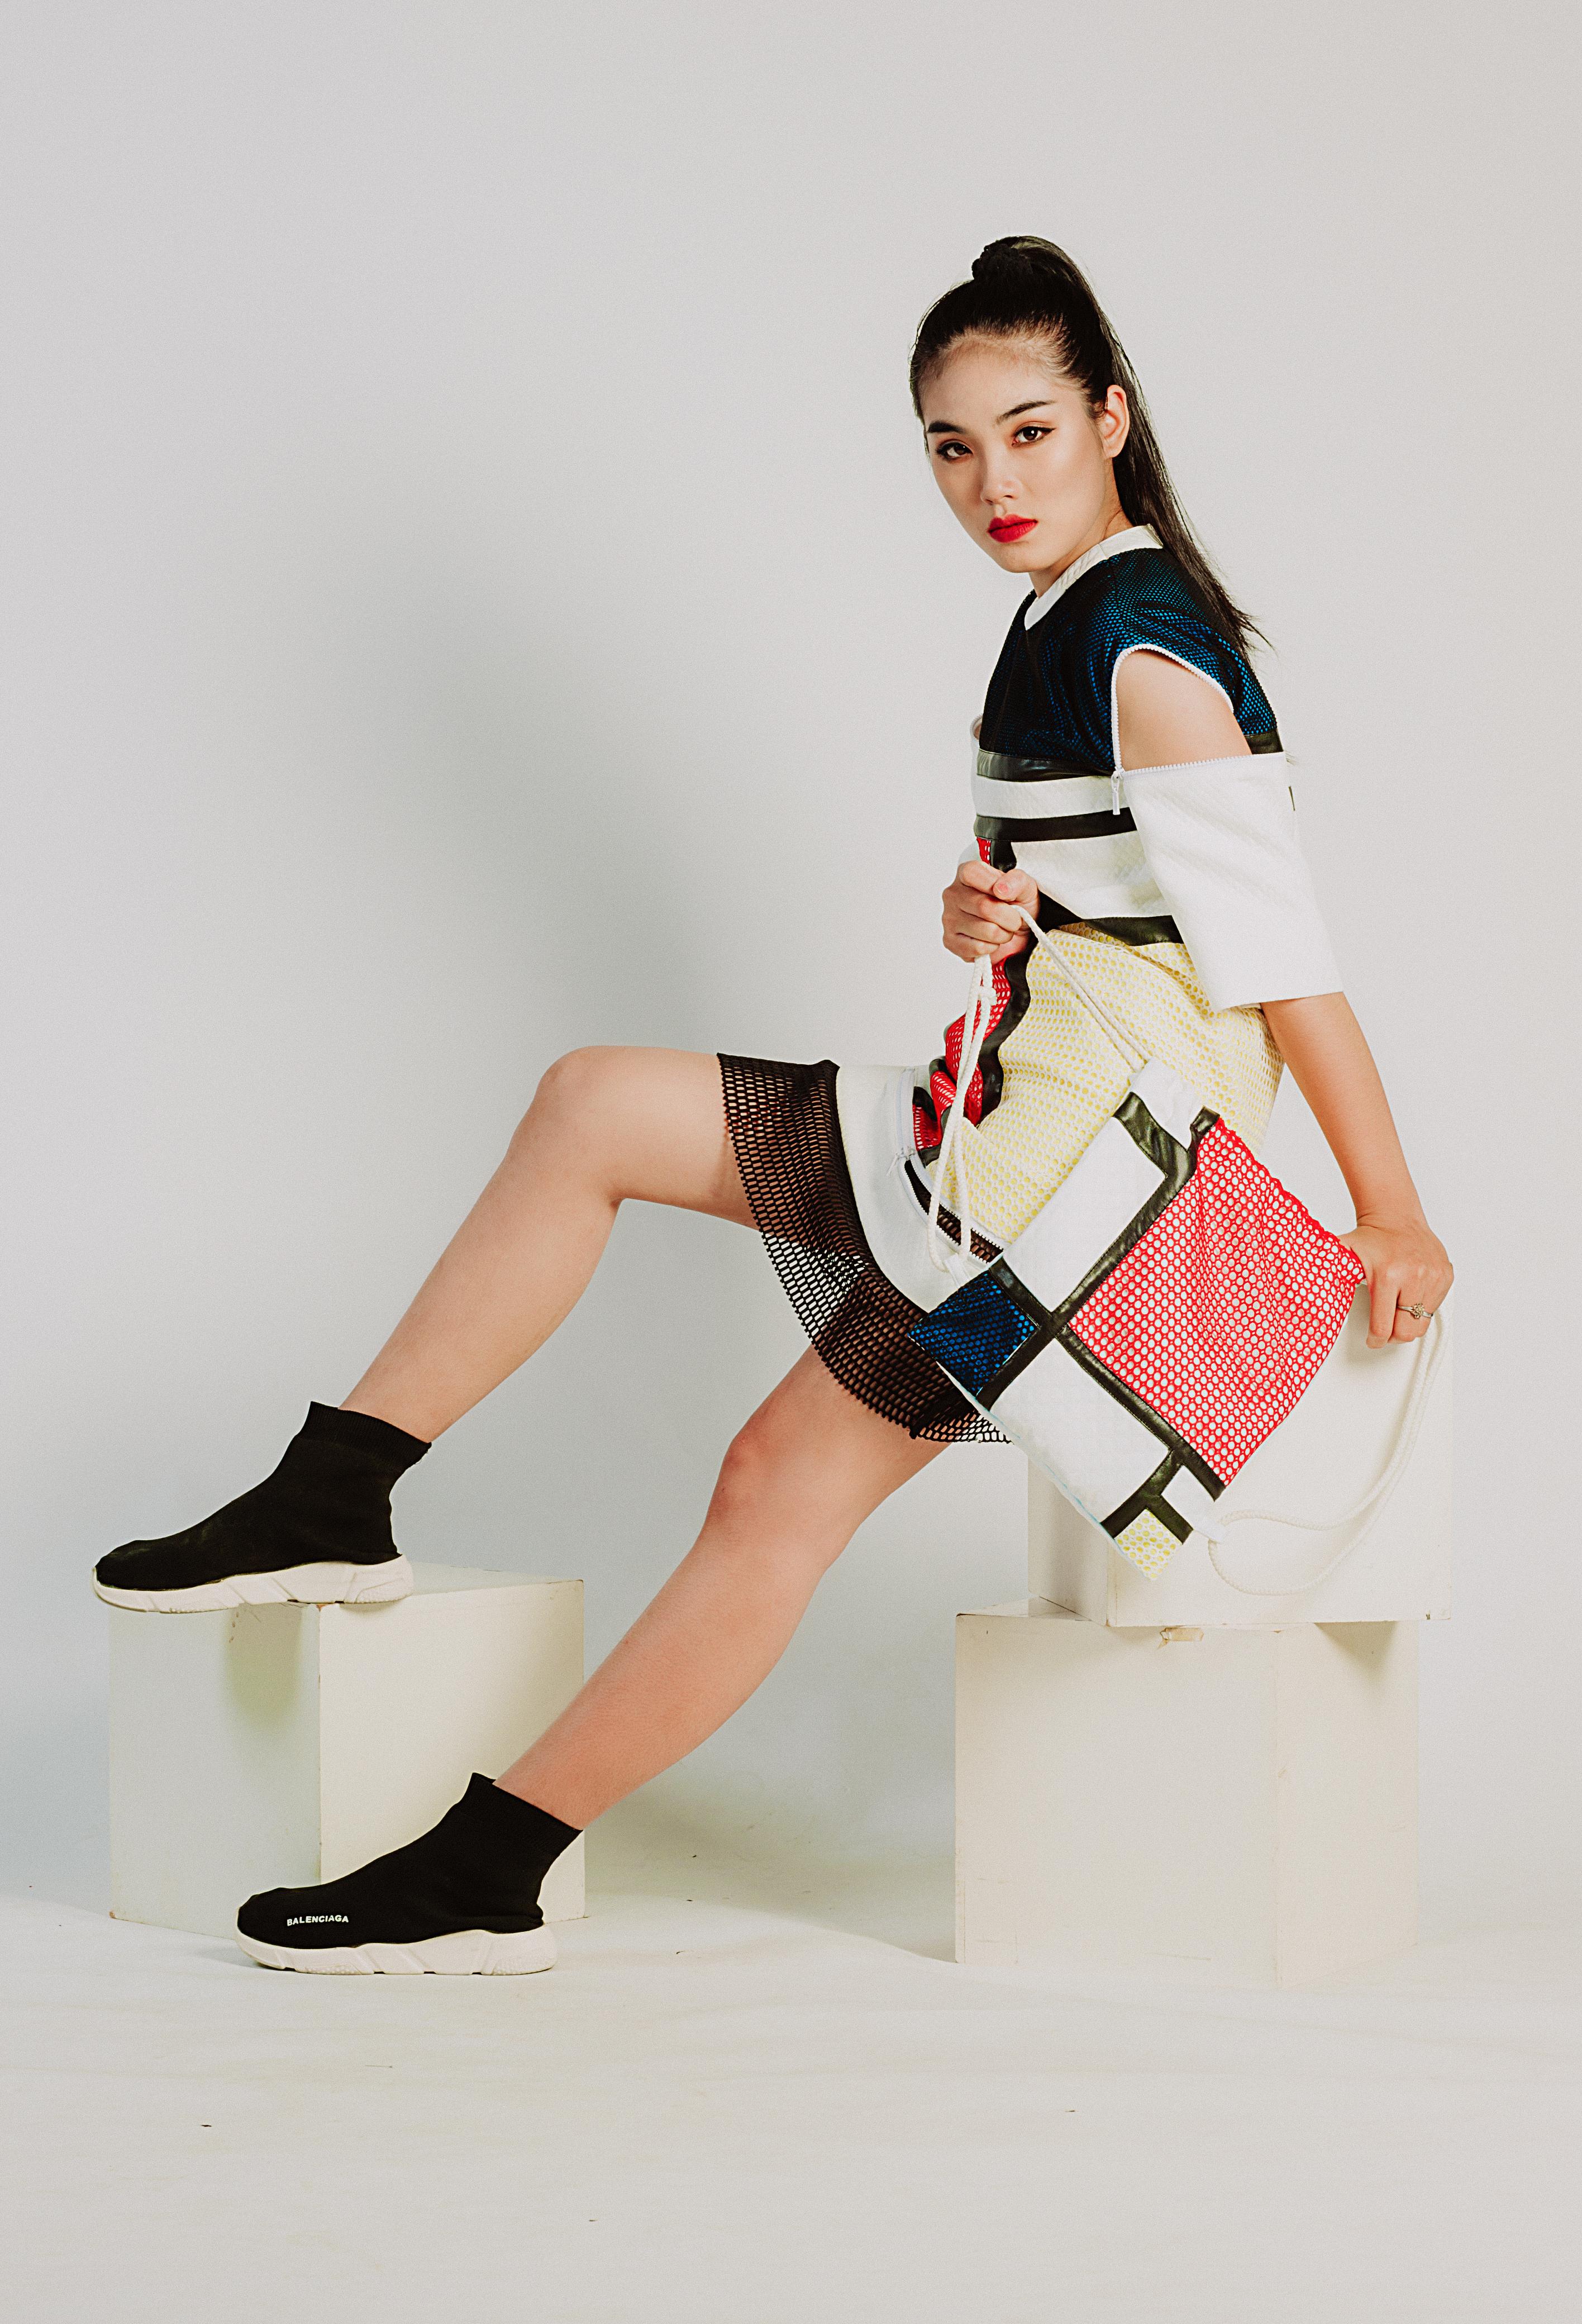 Kostenlose foto : schön, Mädchen, Modemodell, Fußbekleidung ...